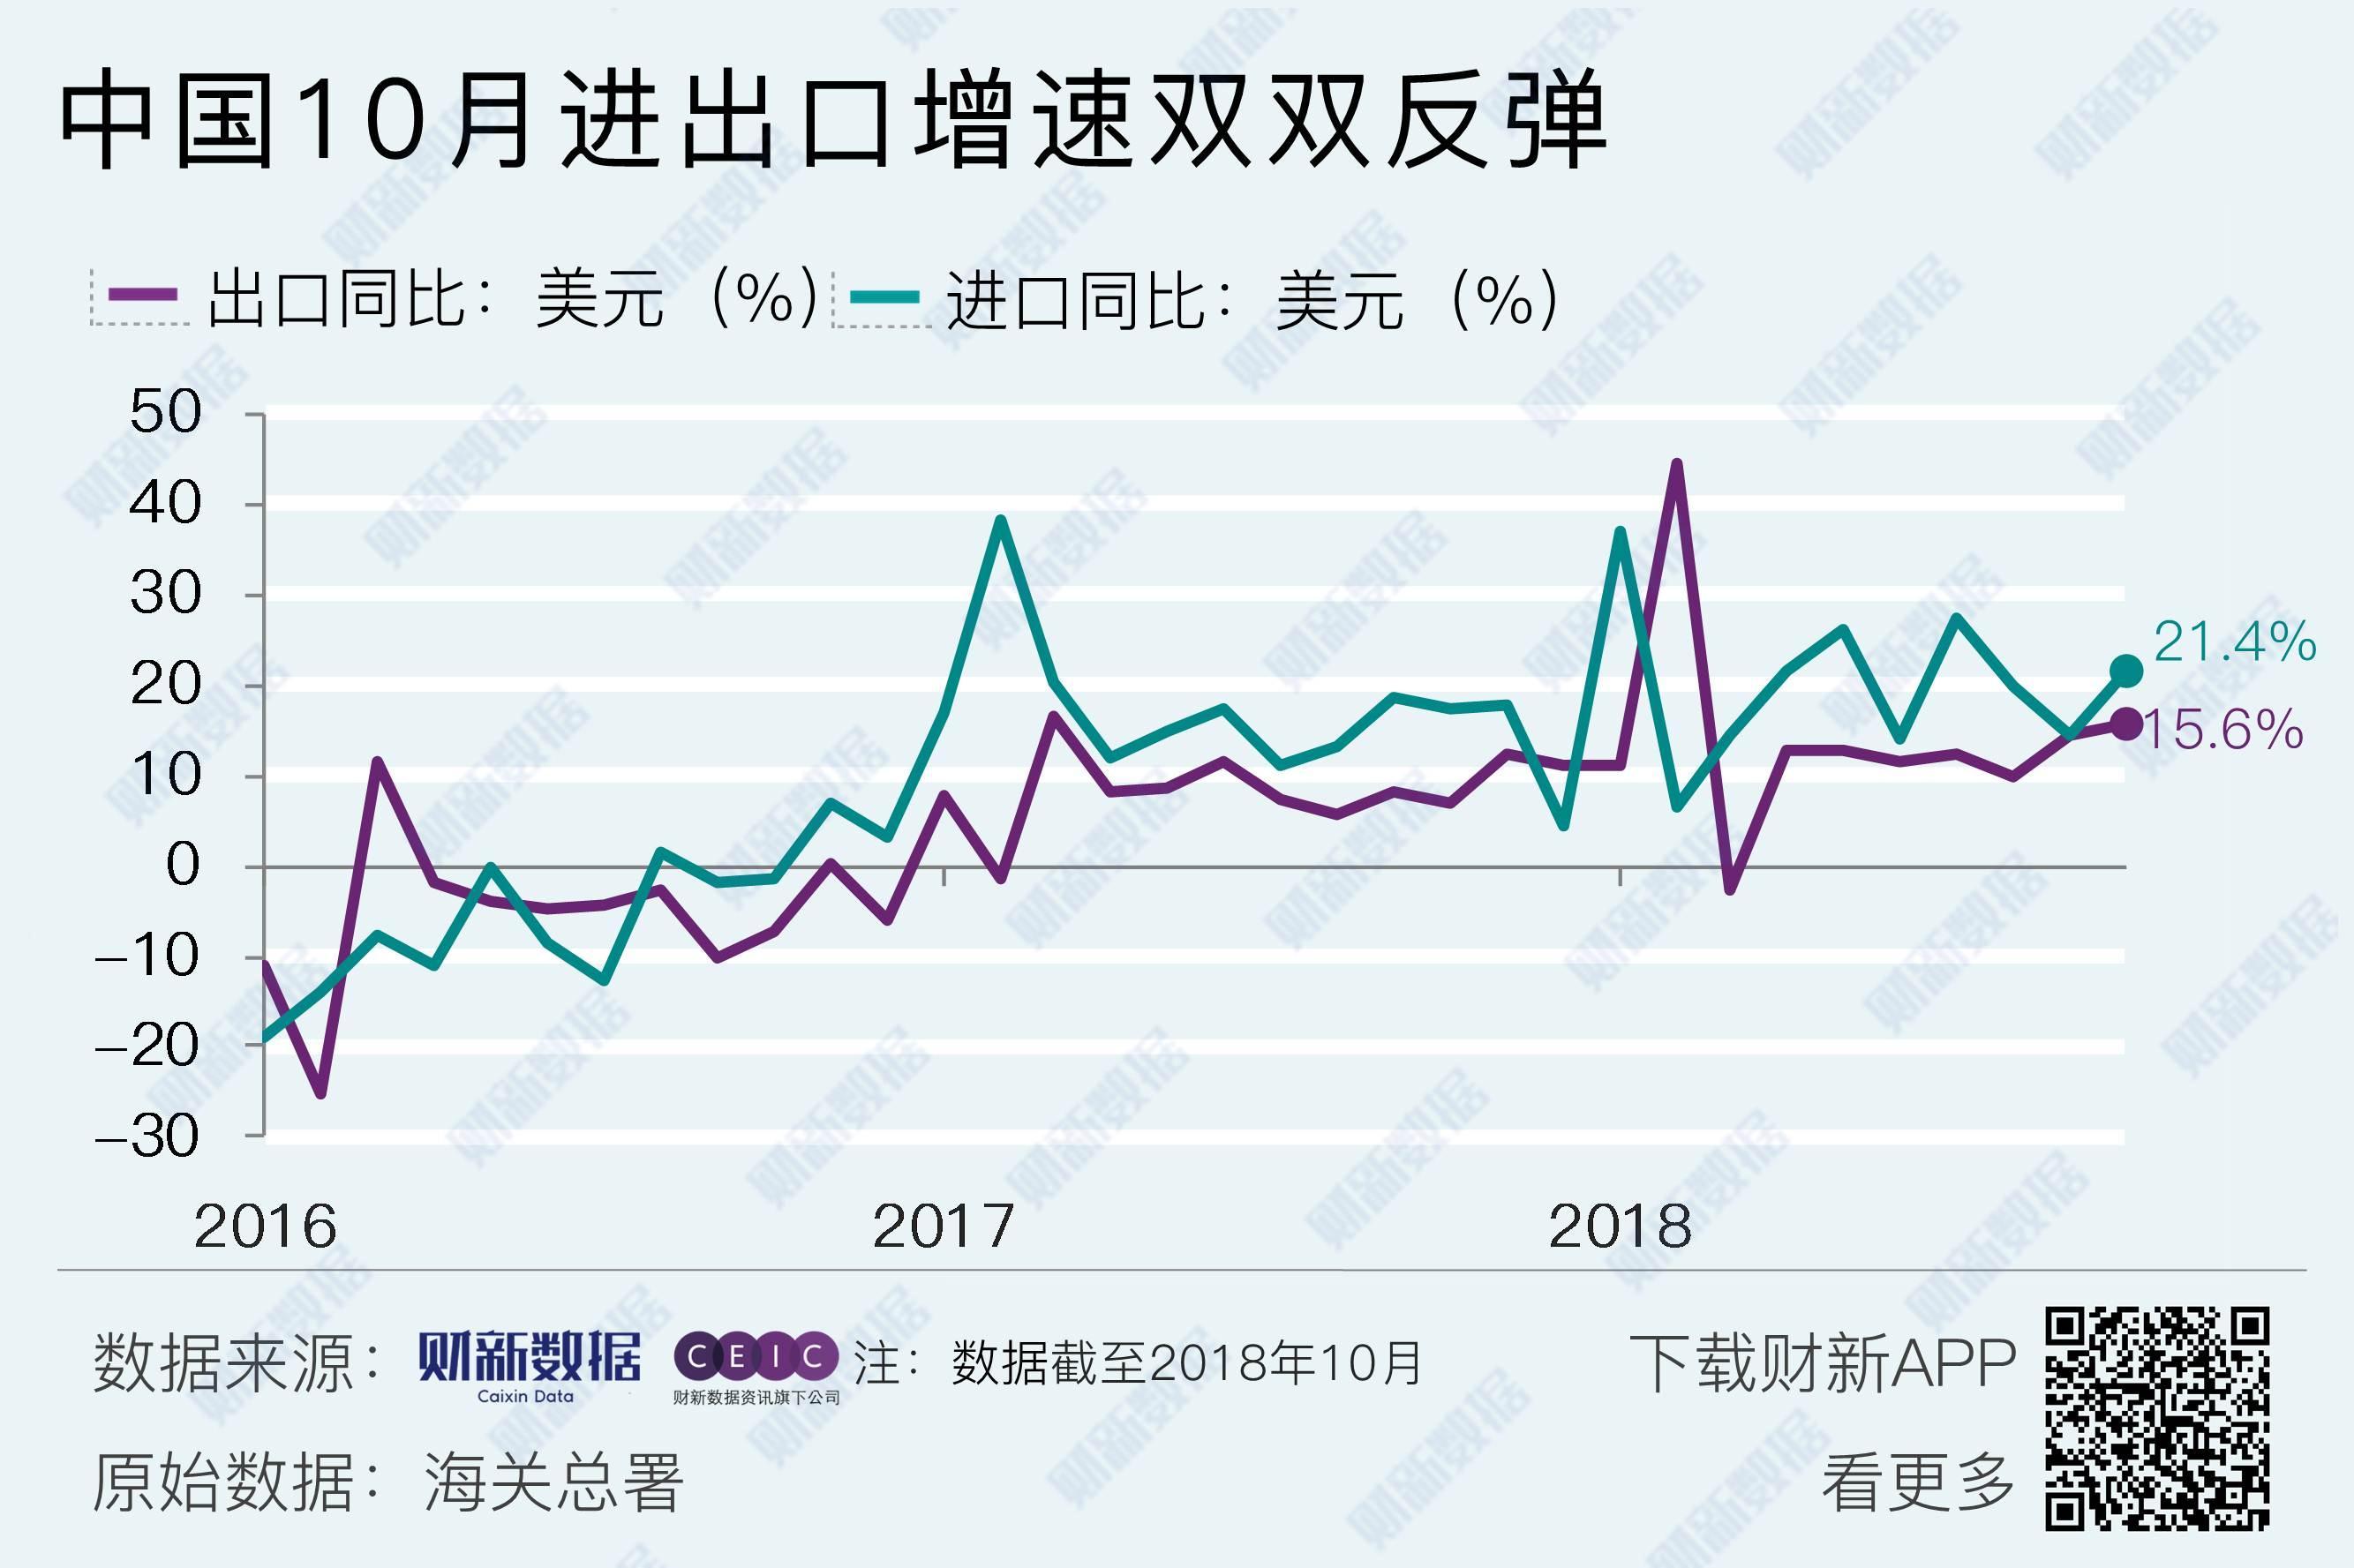 中国10月进出口增速双双反弹